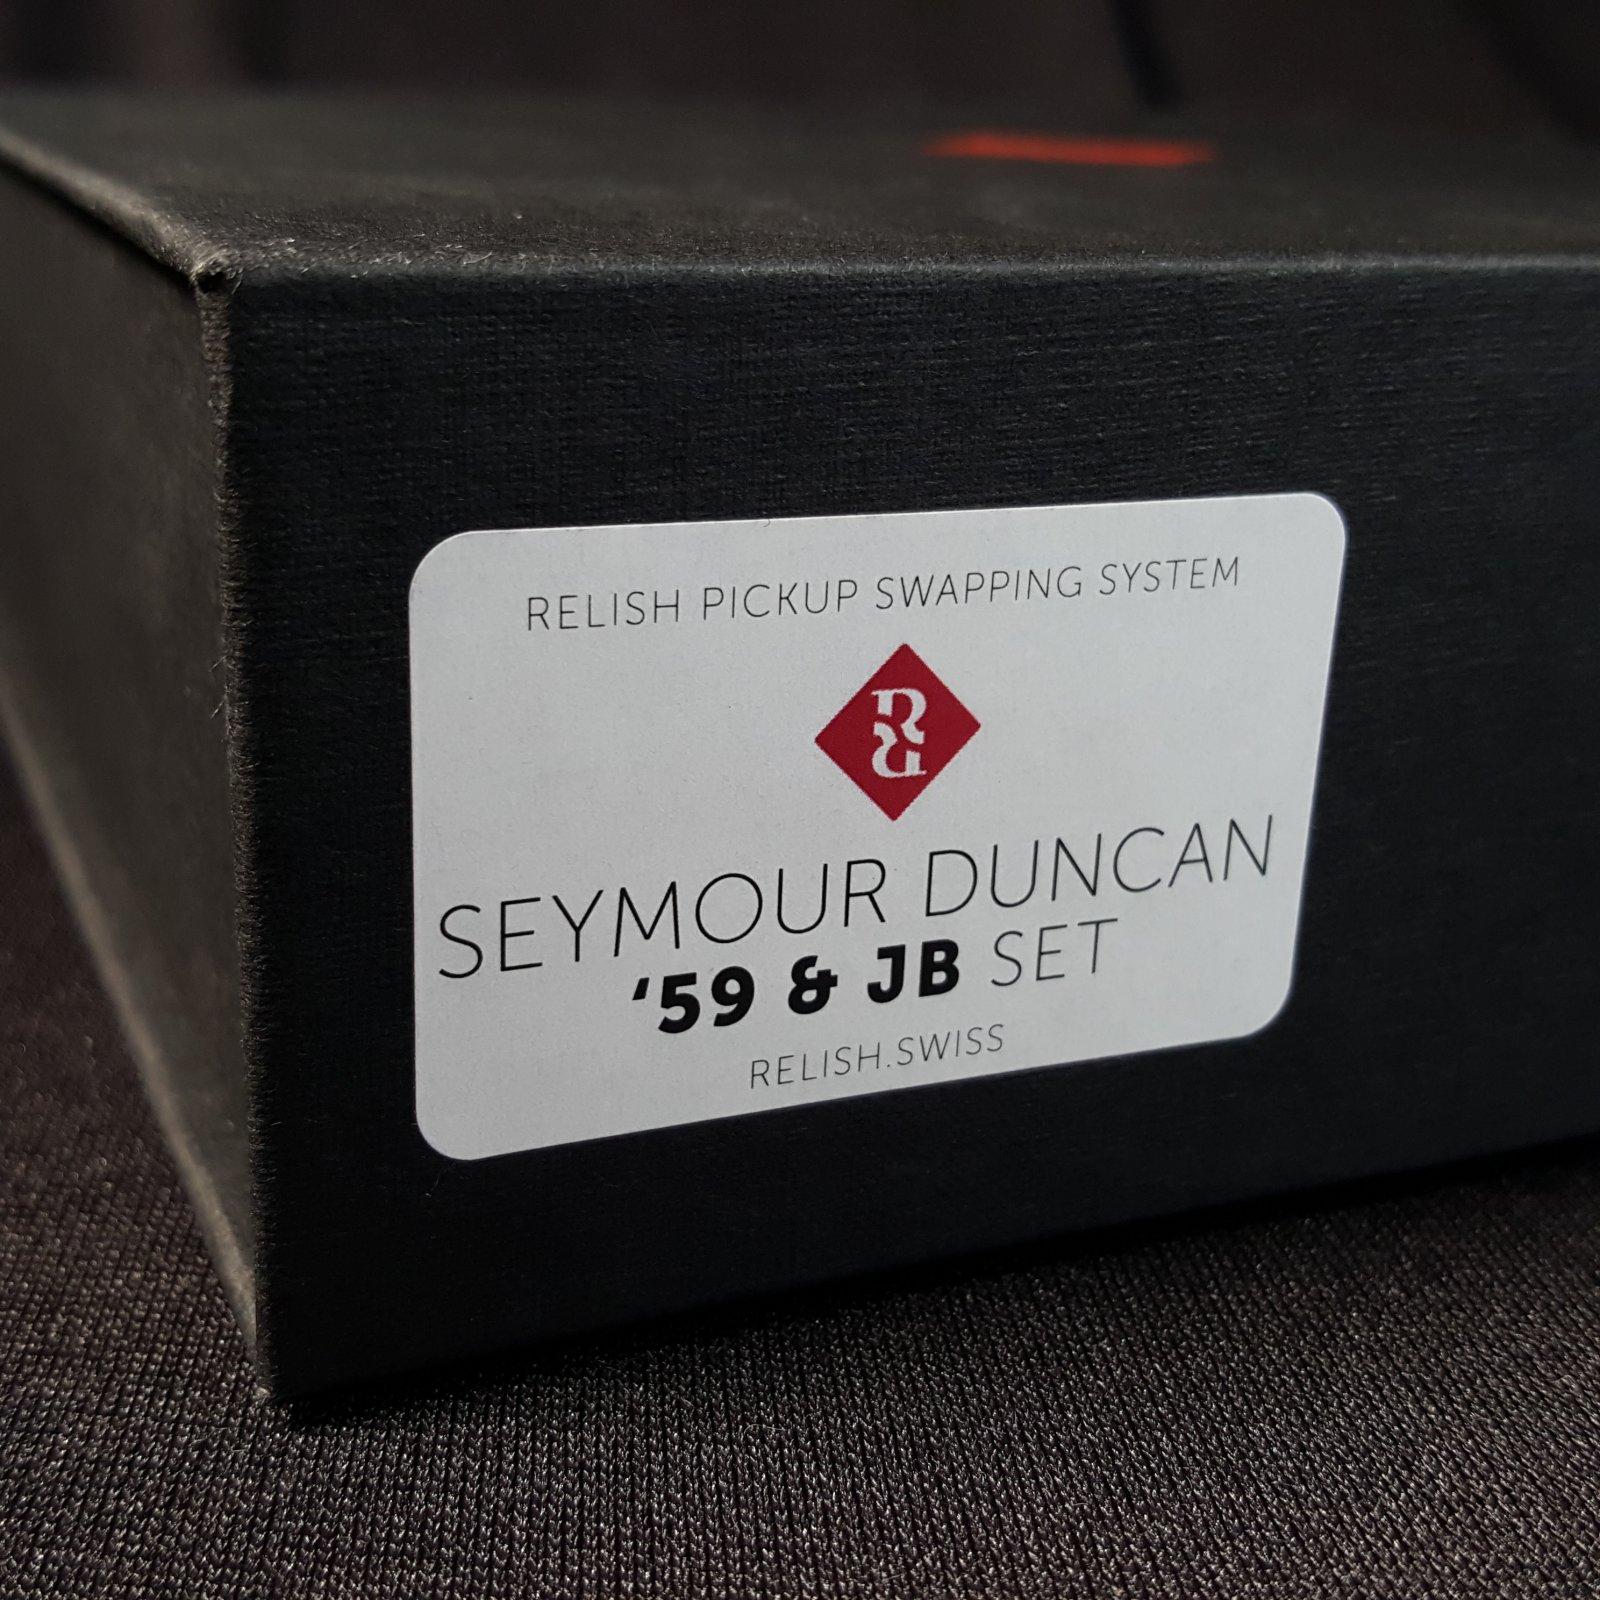 Relish Seymour Duncan 59/JB set - 01